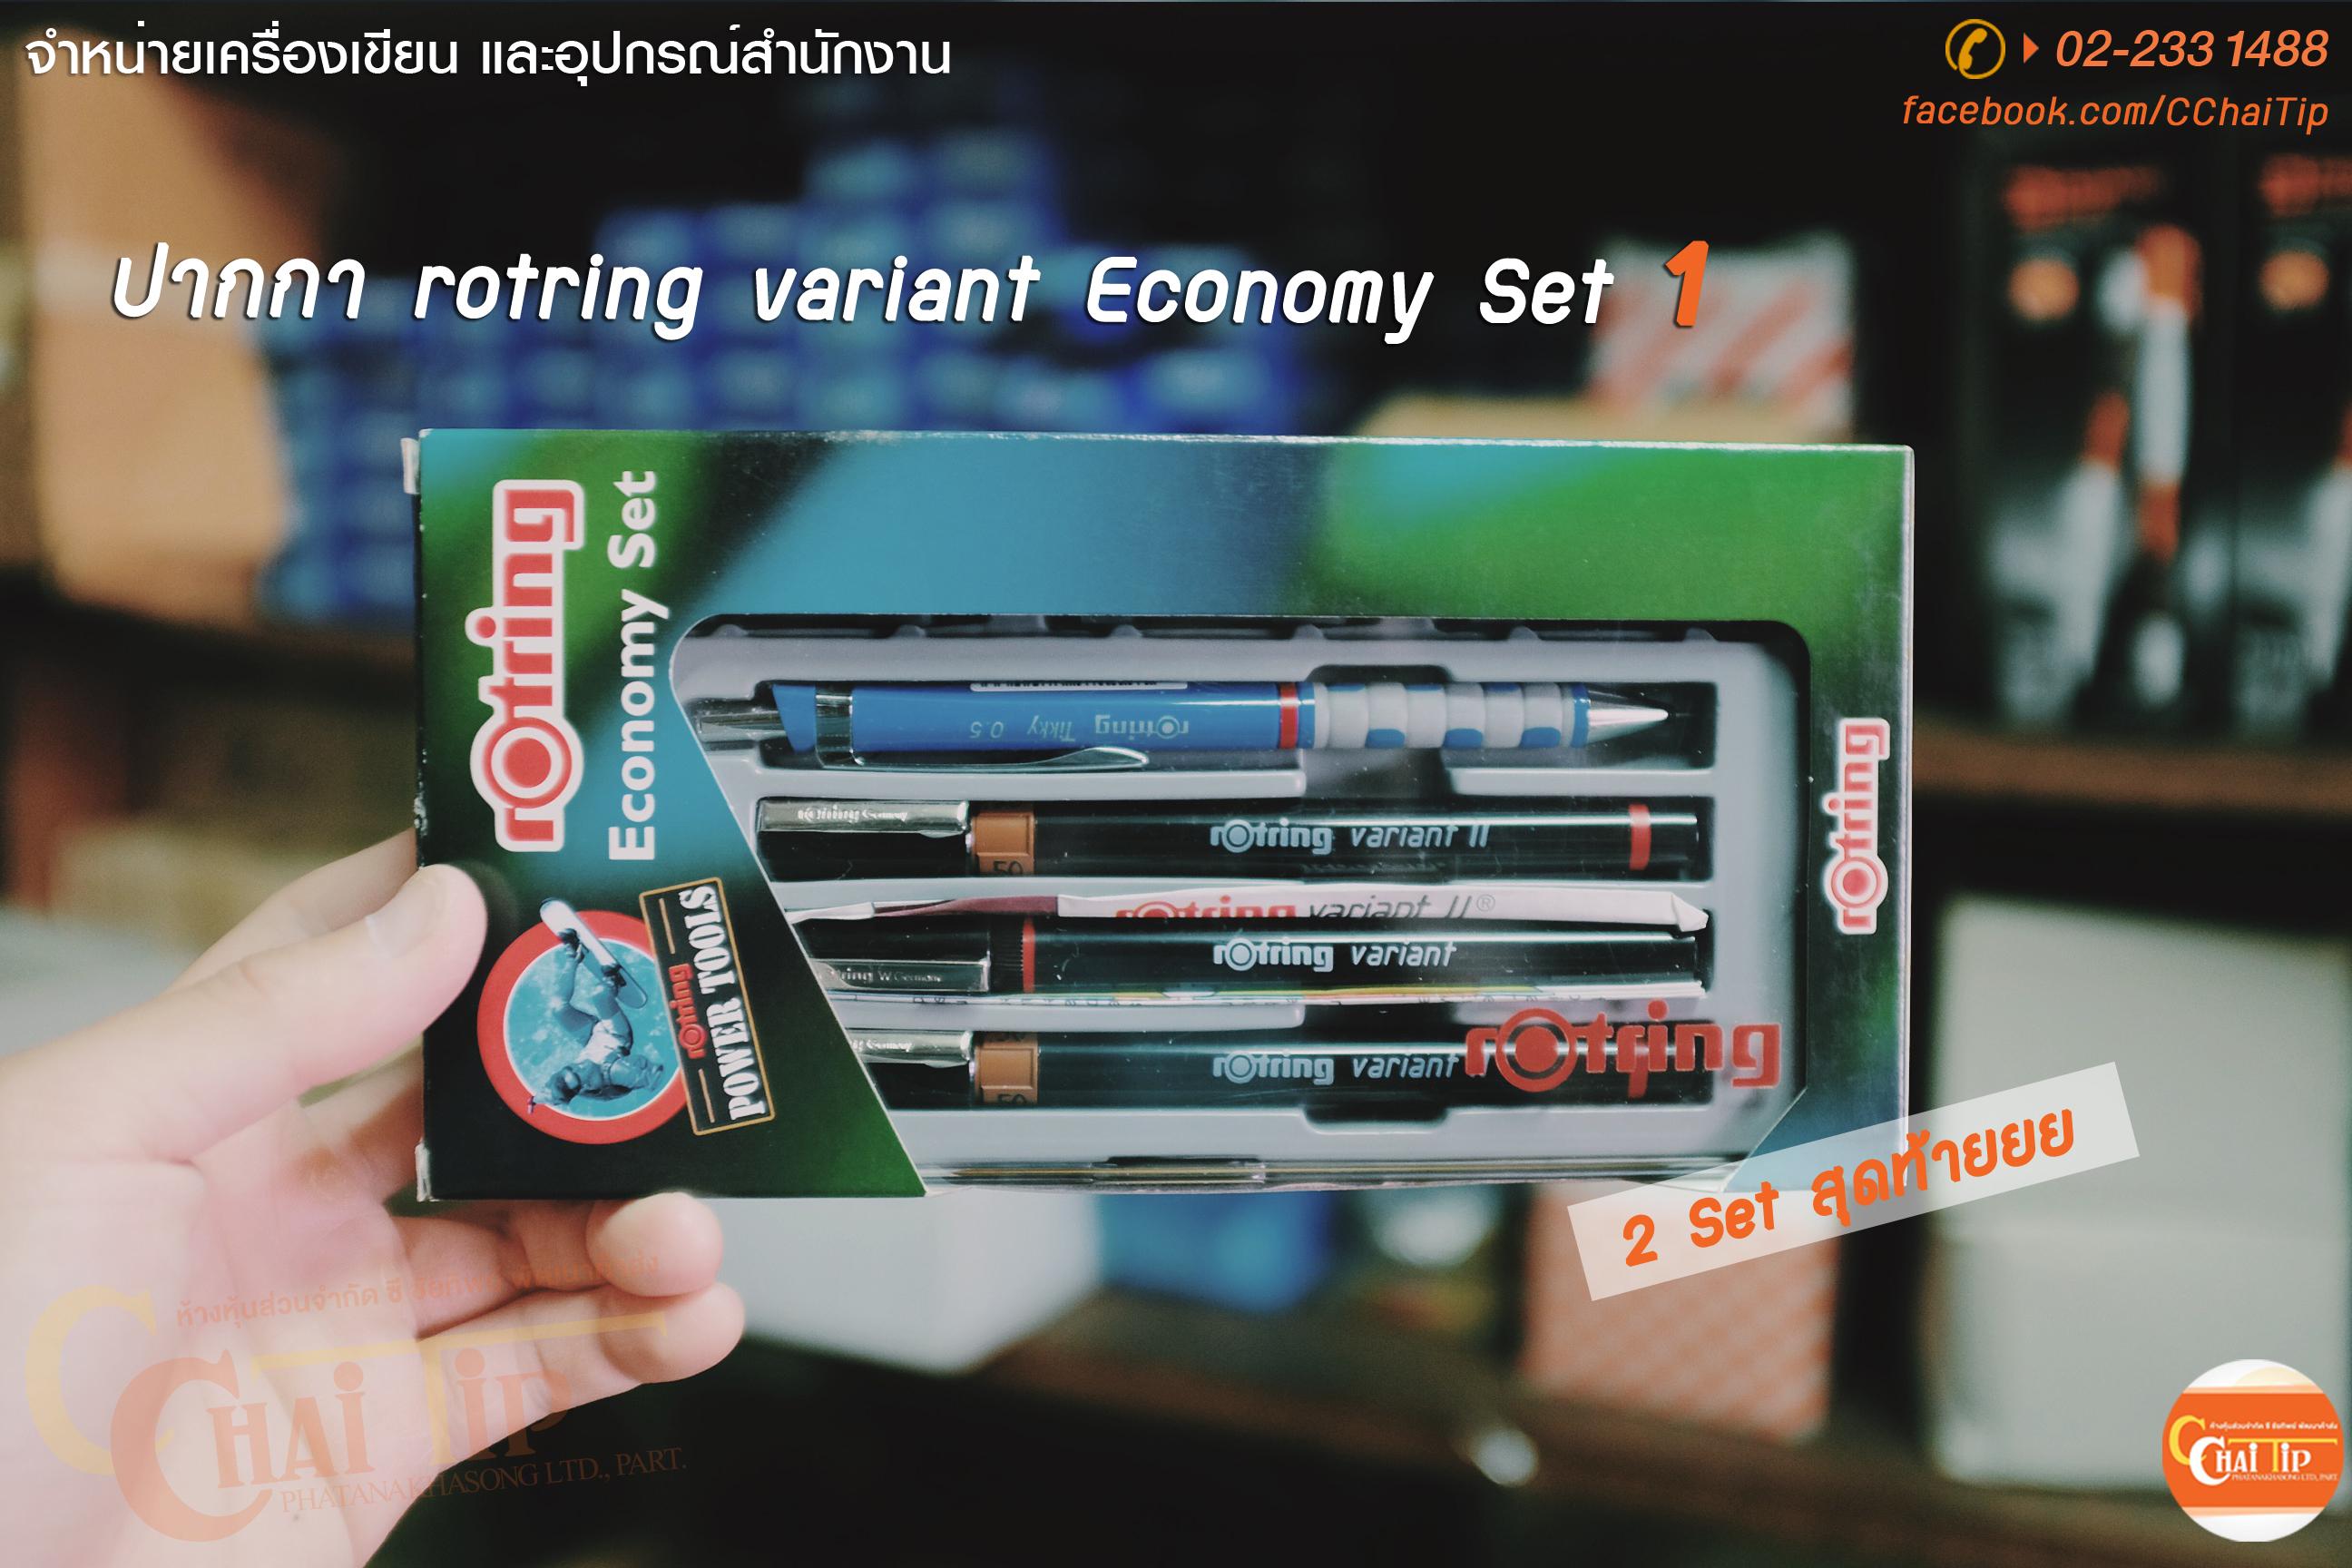 ชุดปากกาเขียนแบบ rOtring variant